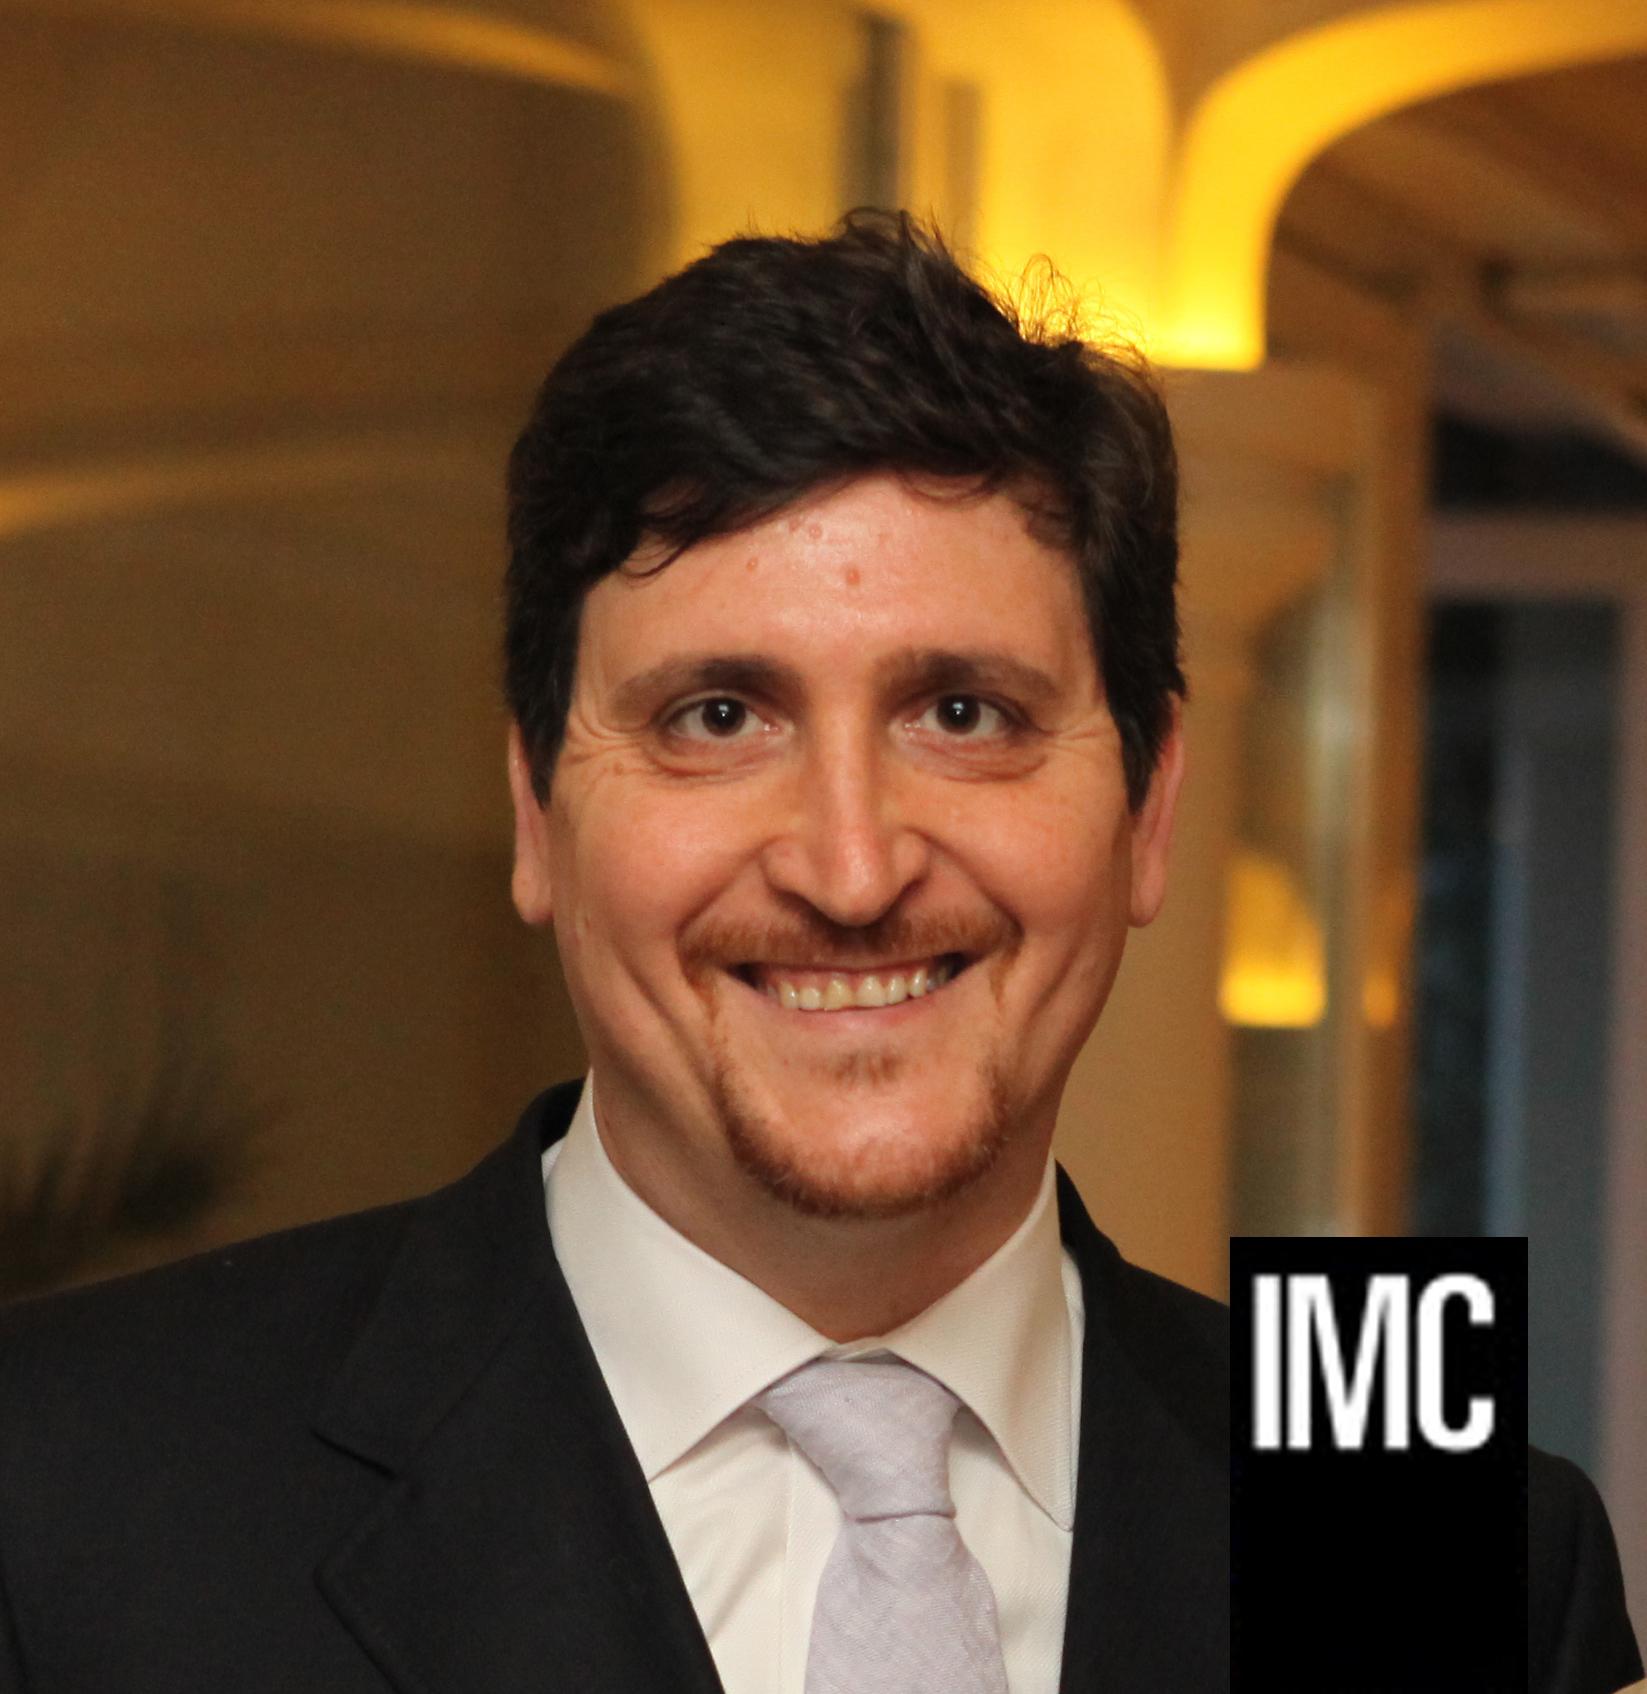 Francesco Gramegna IMC